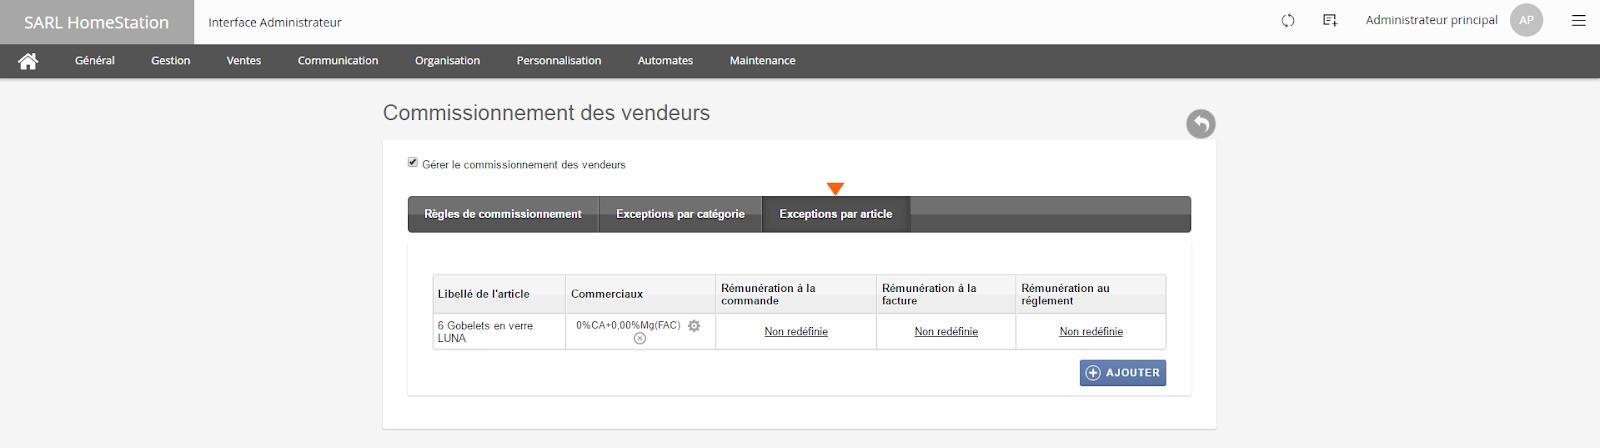 ExcepArticleRegleAjoutee_commissionnement_vendeur.png